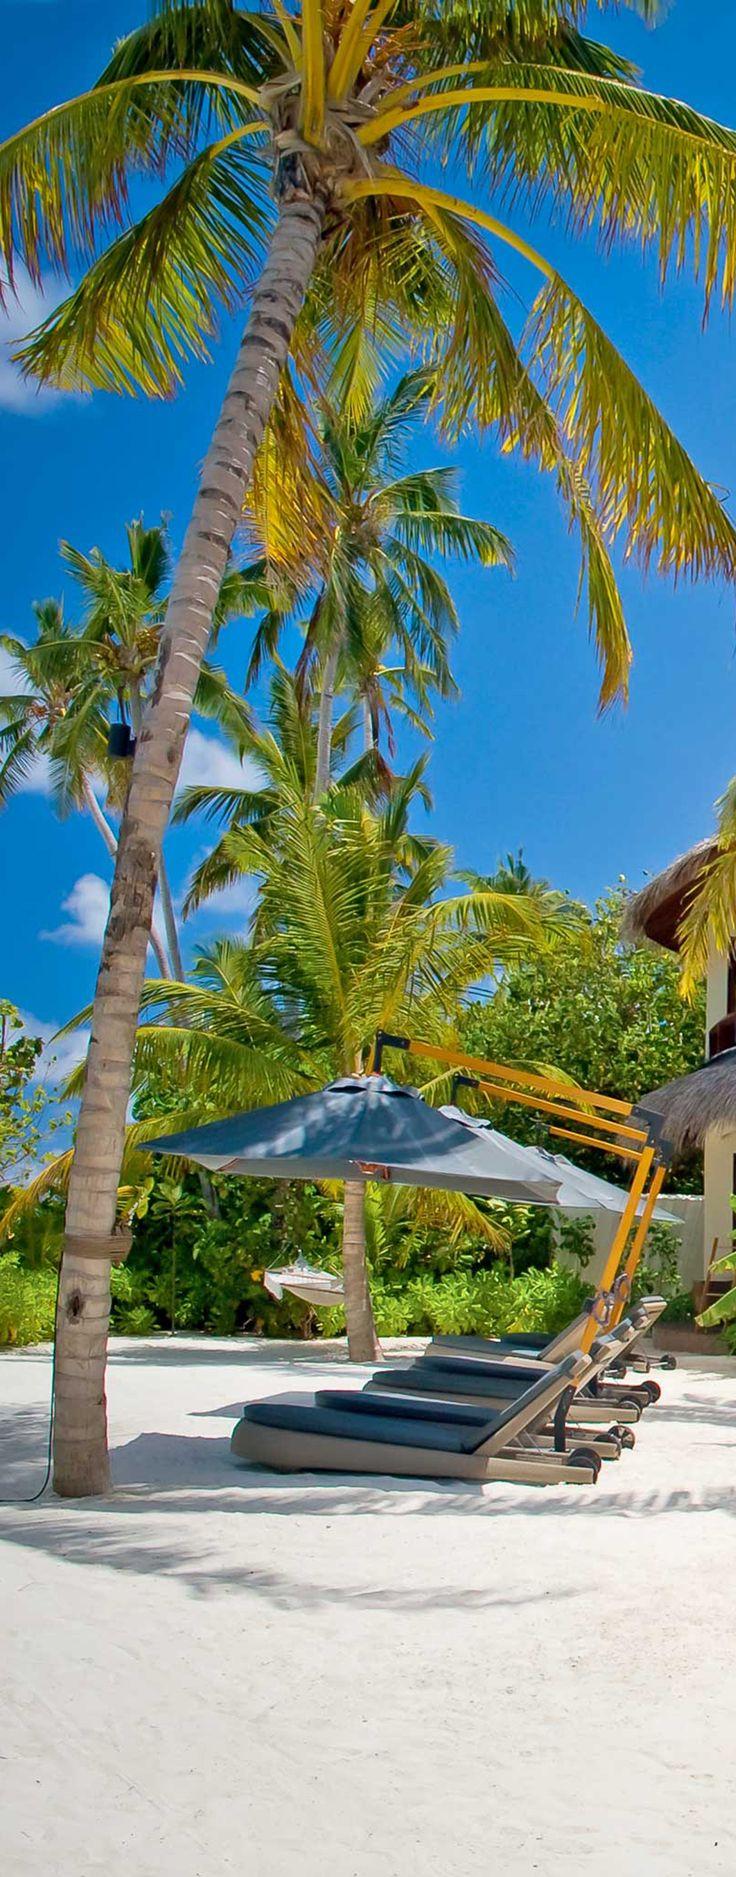 Take me to the Maldives!